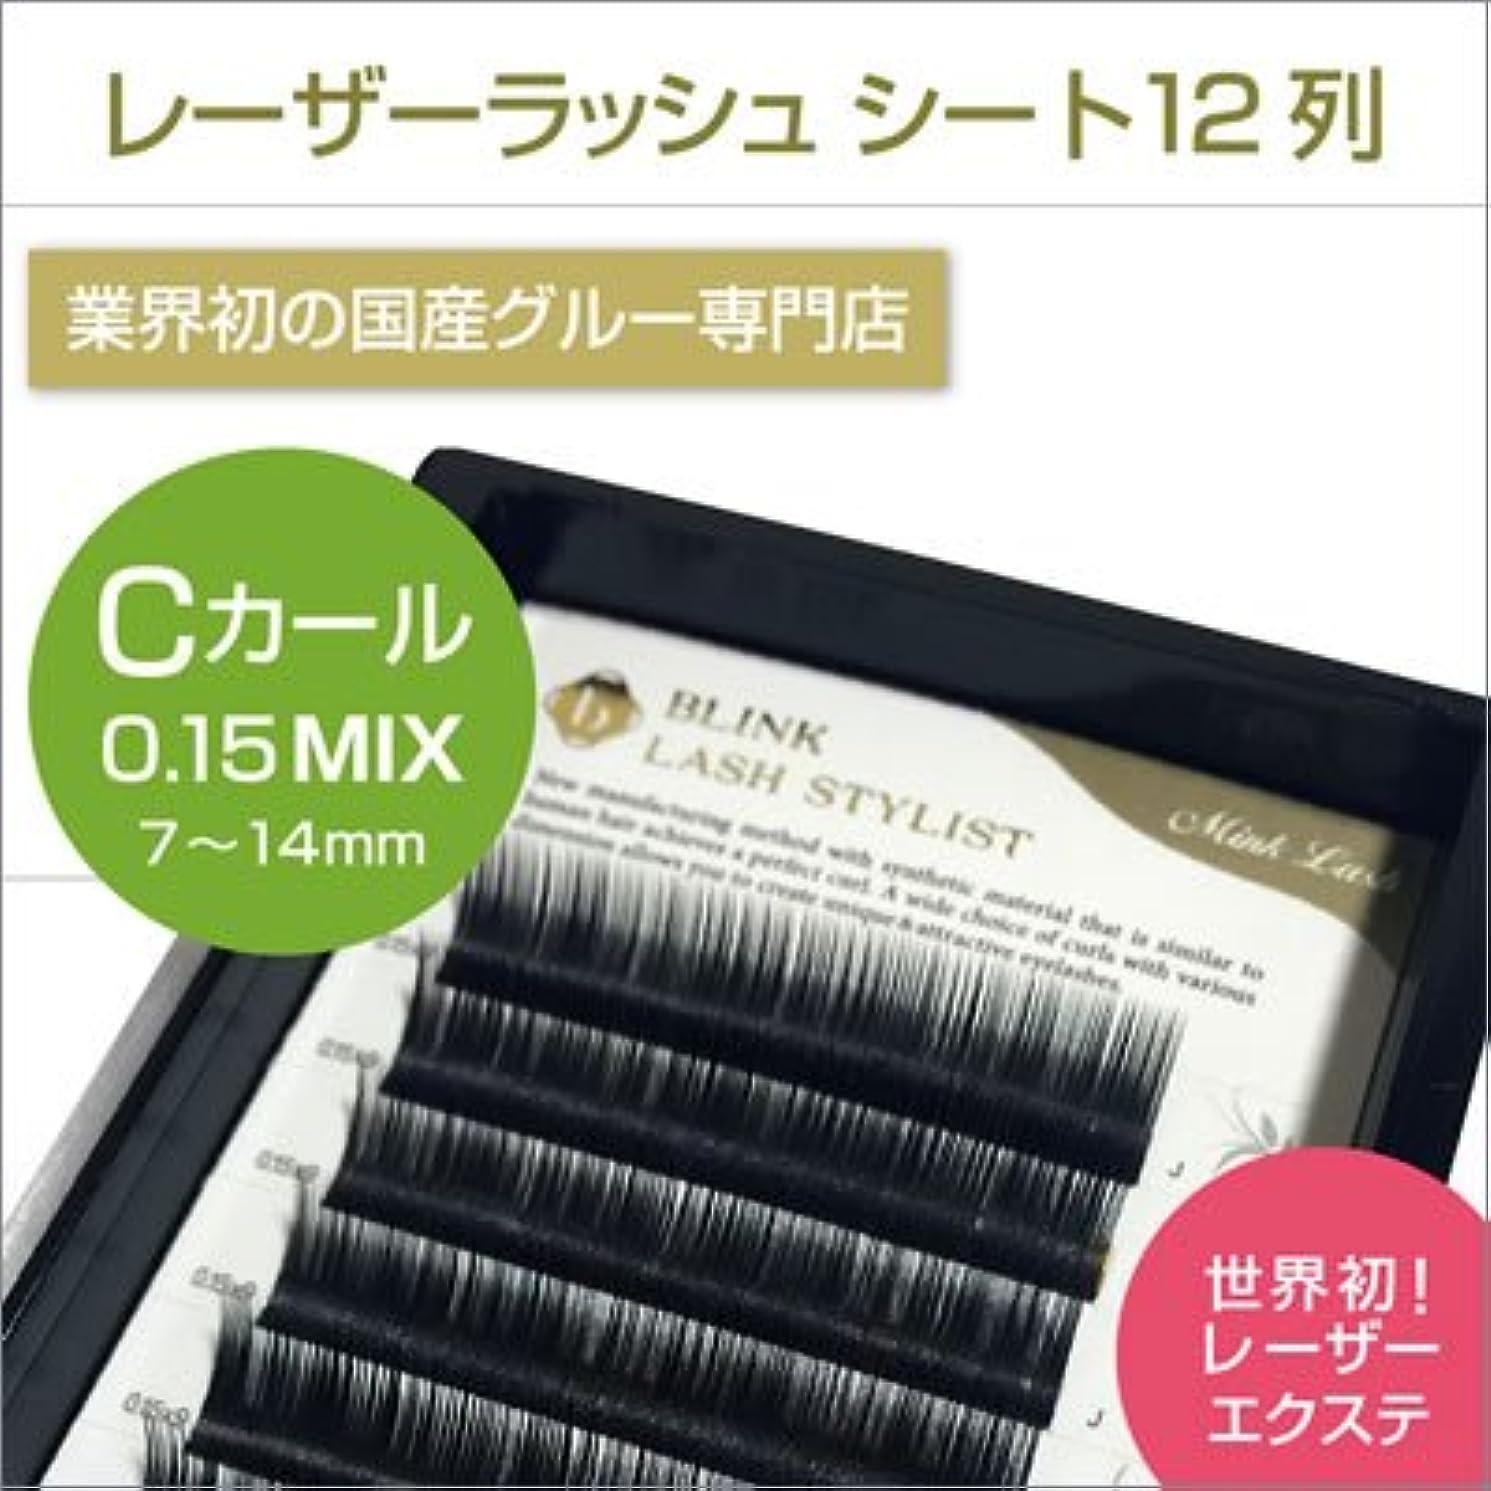 会話型リンス恐怖orlo(オルロ) レーザーエクステ ミンクラッシュ MIX Cカール 0.15mm×7mm~14mm